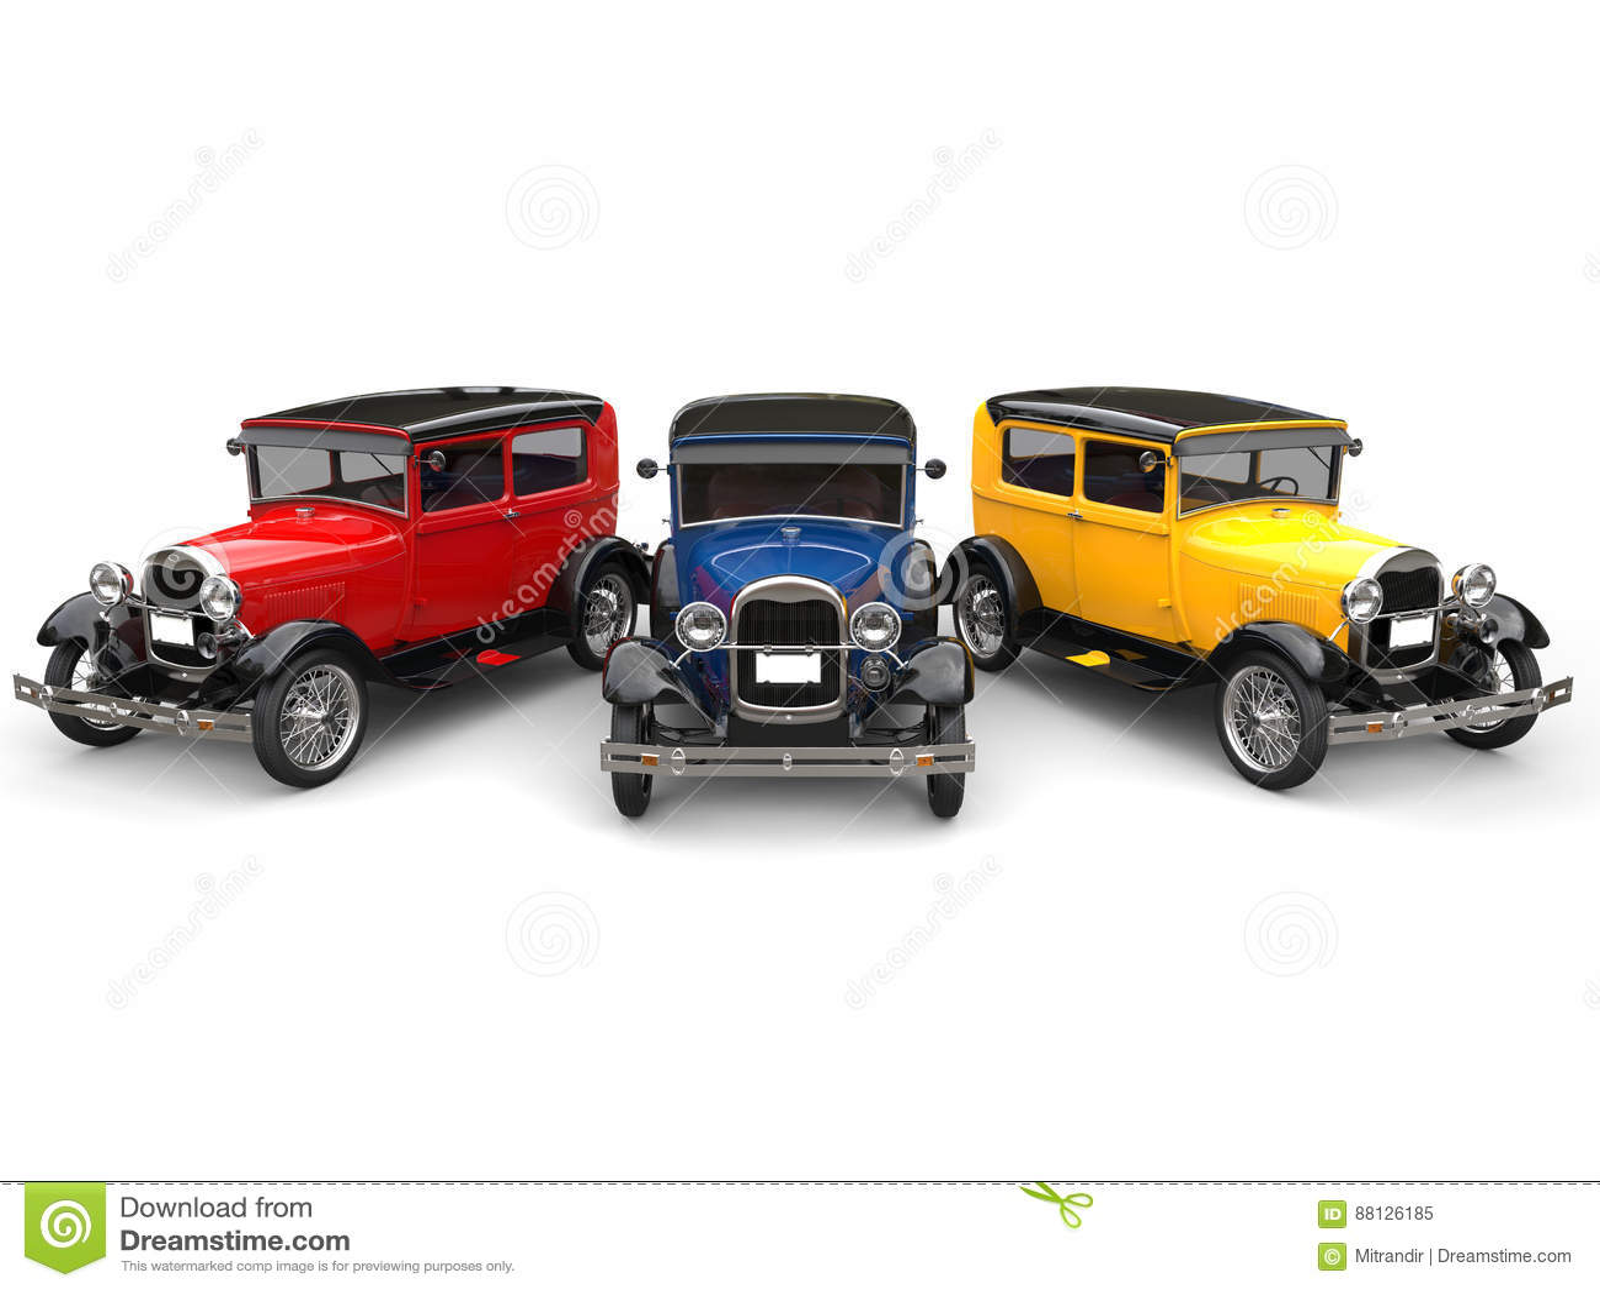 Carros Bonitos Do Vintage Dos Anos 20 Em Cores Preliminares